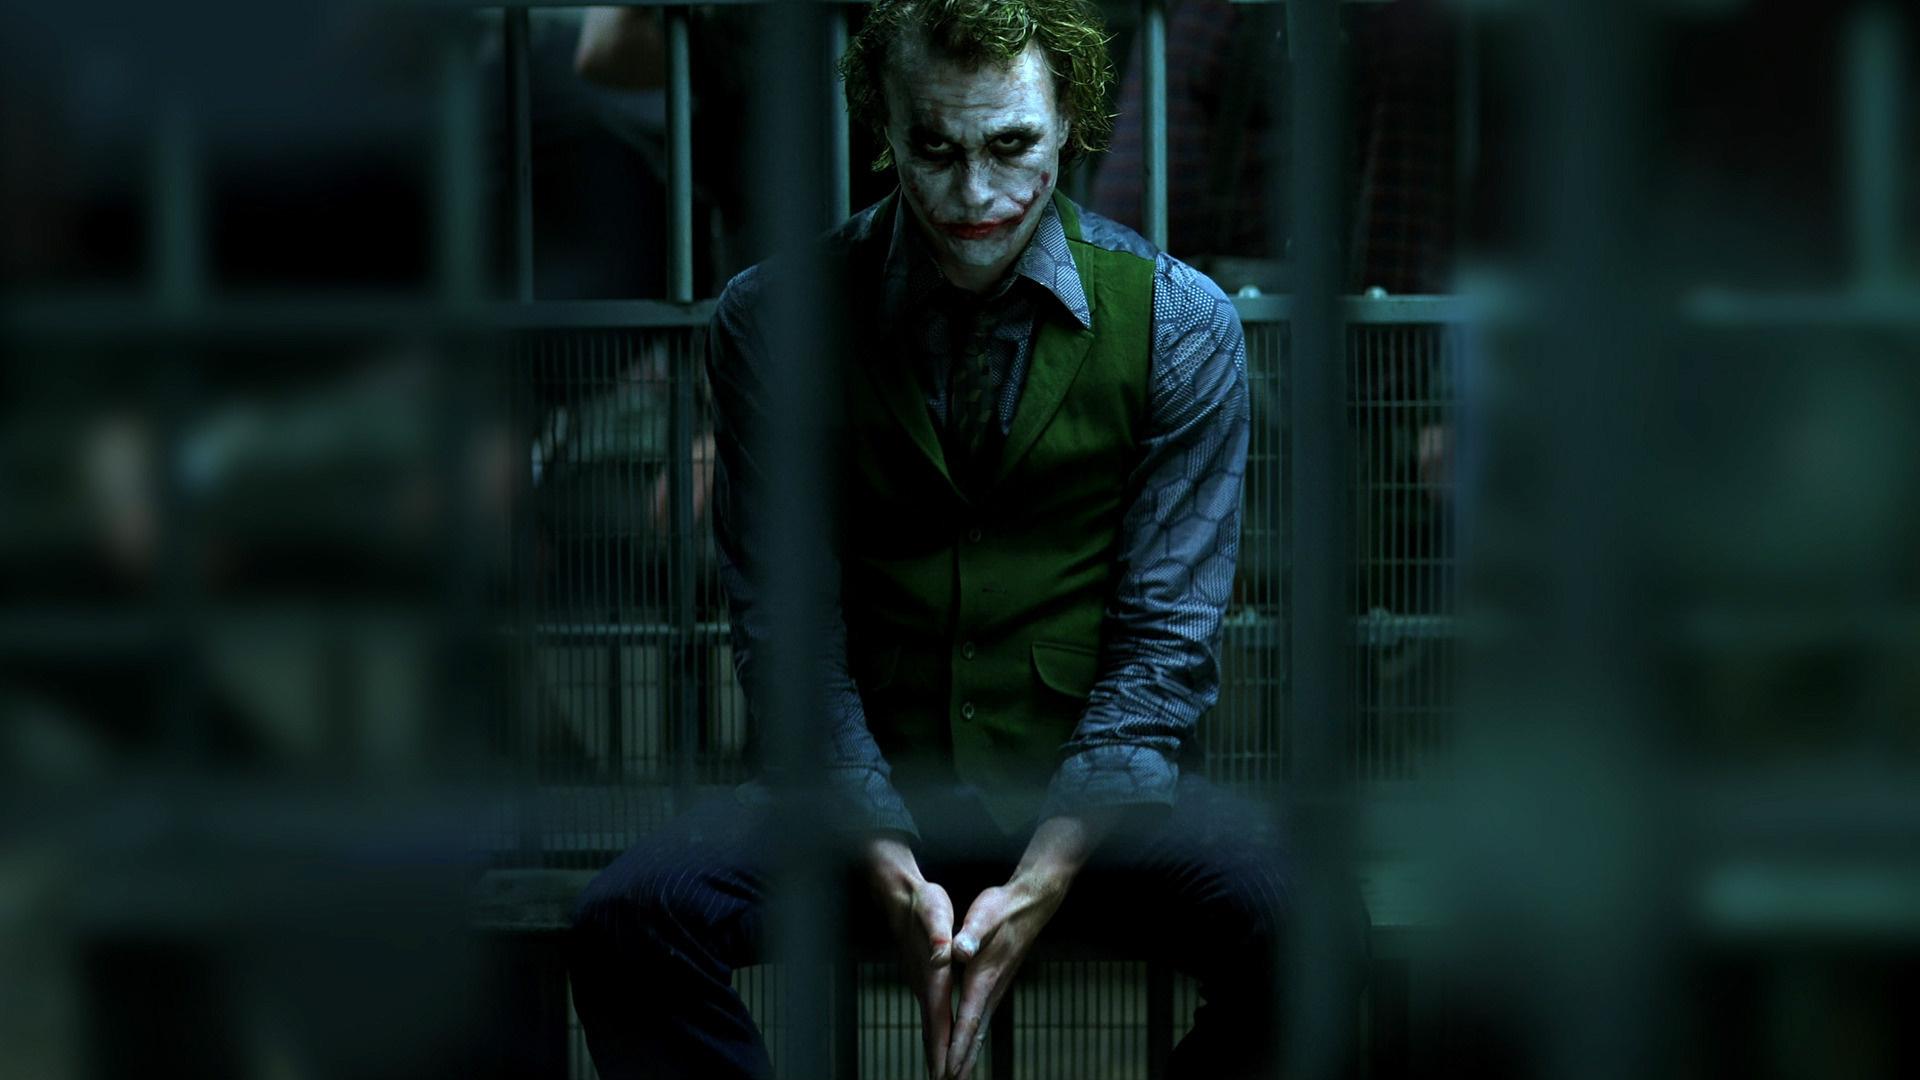 21463 Hintergrundbild herunterladen Kino, Menschen, Schauspieler, Joker - Bildschirmschoner und Bilder kostenlos